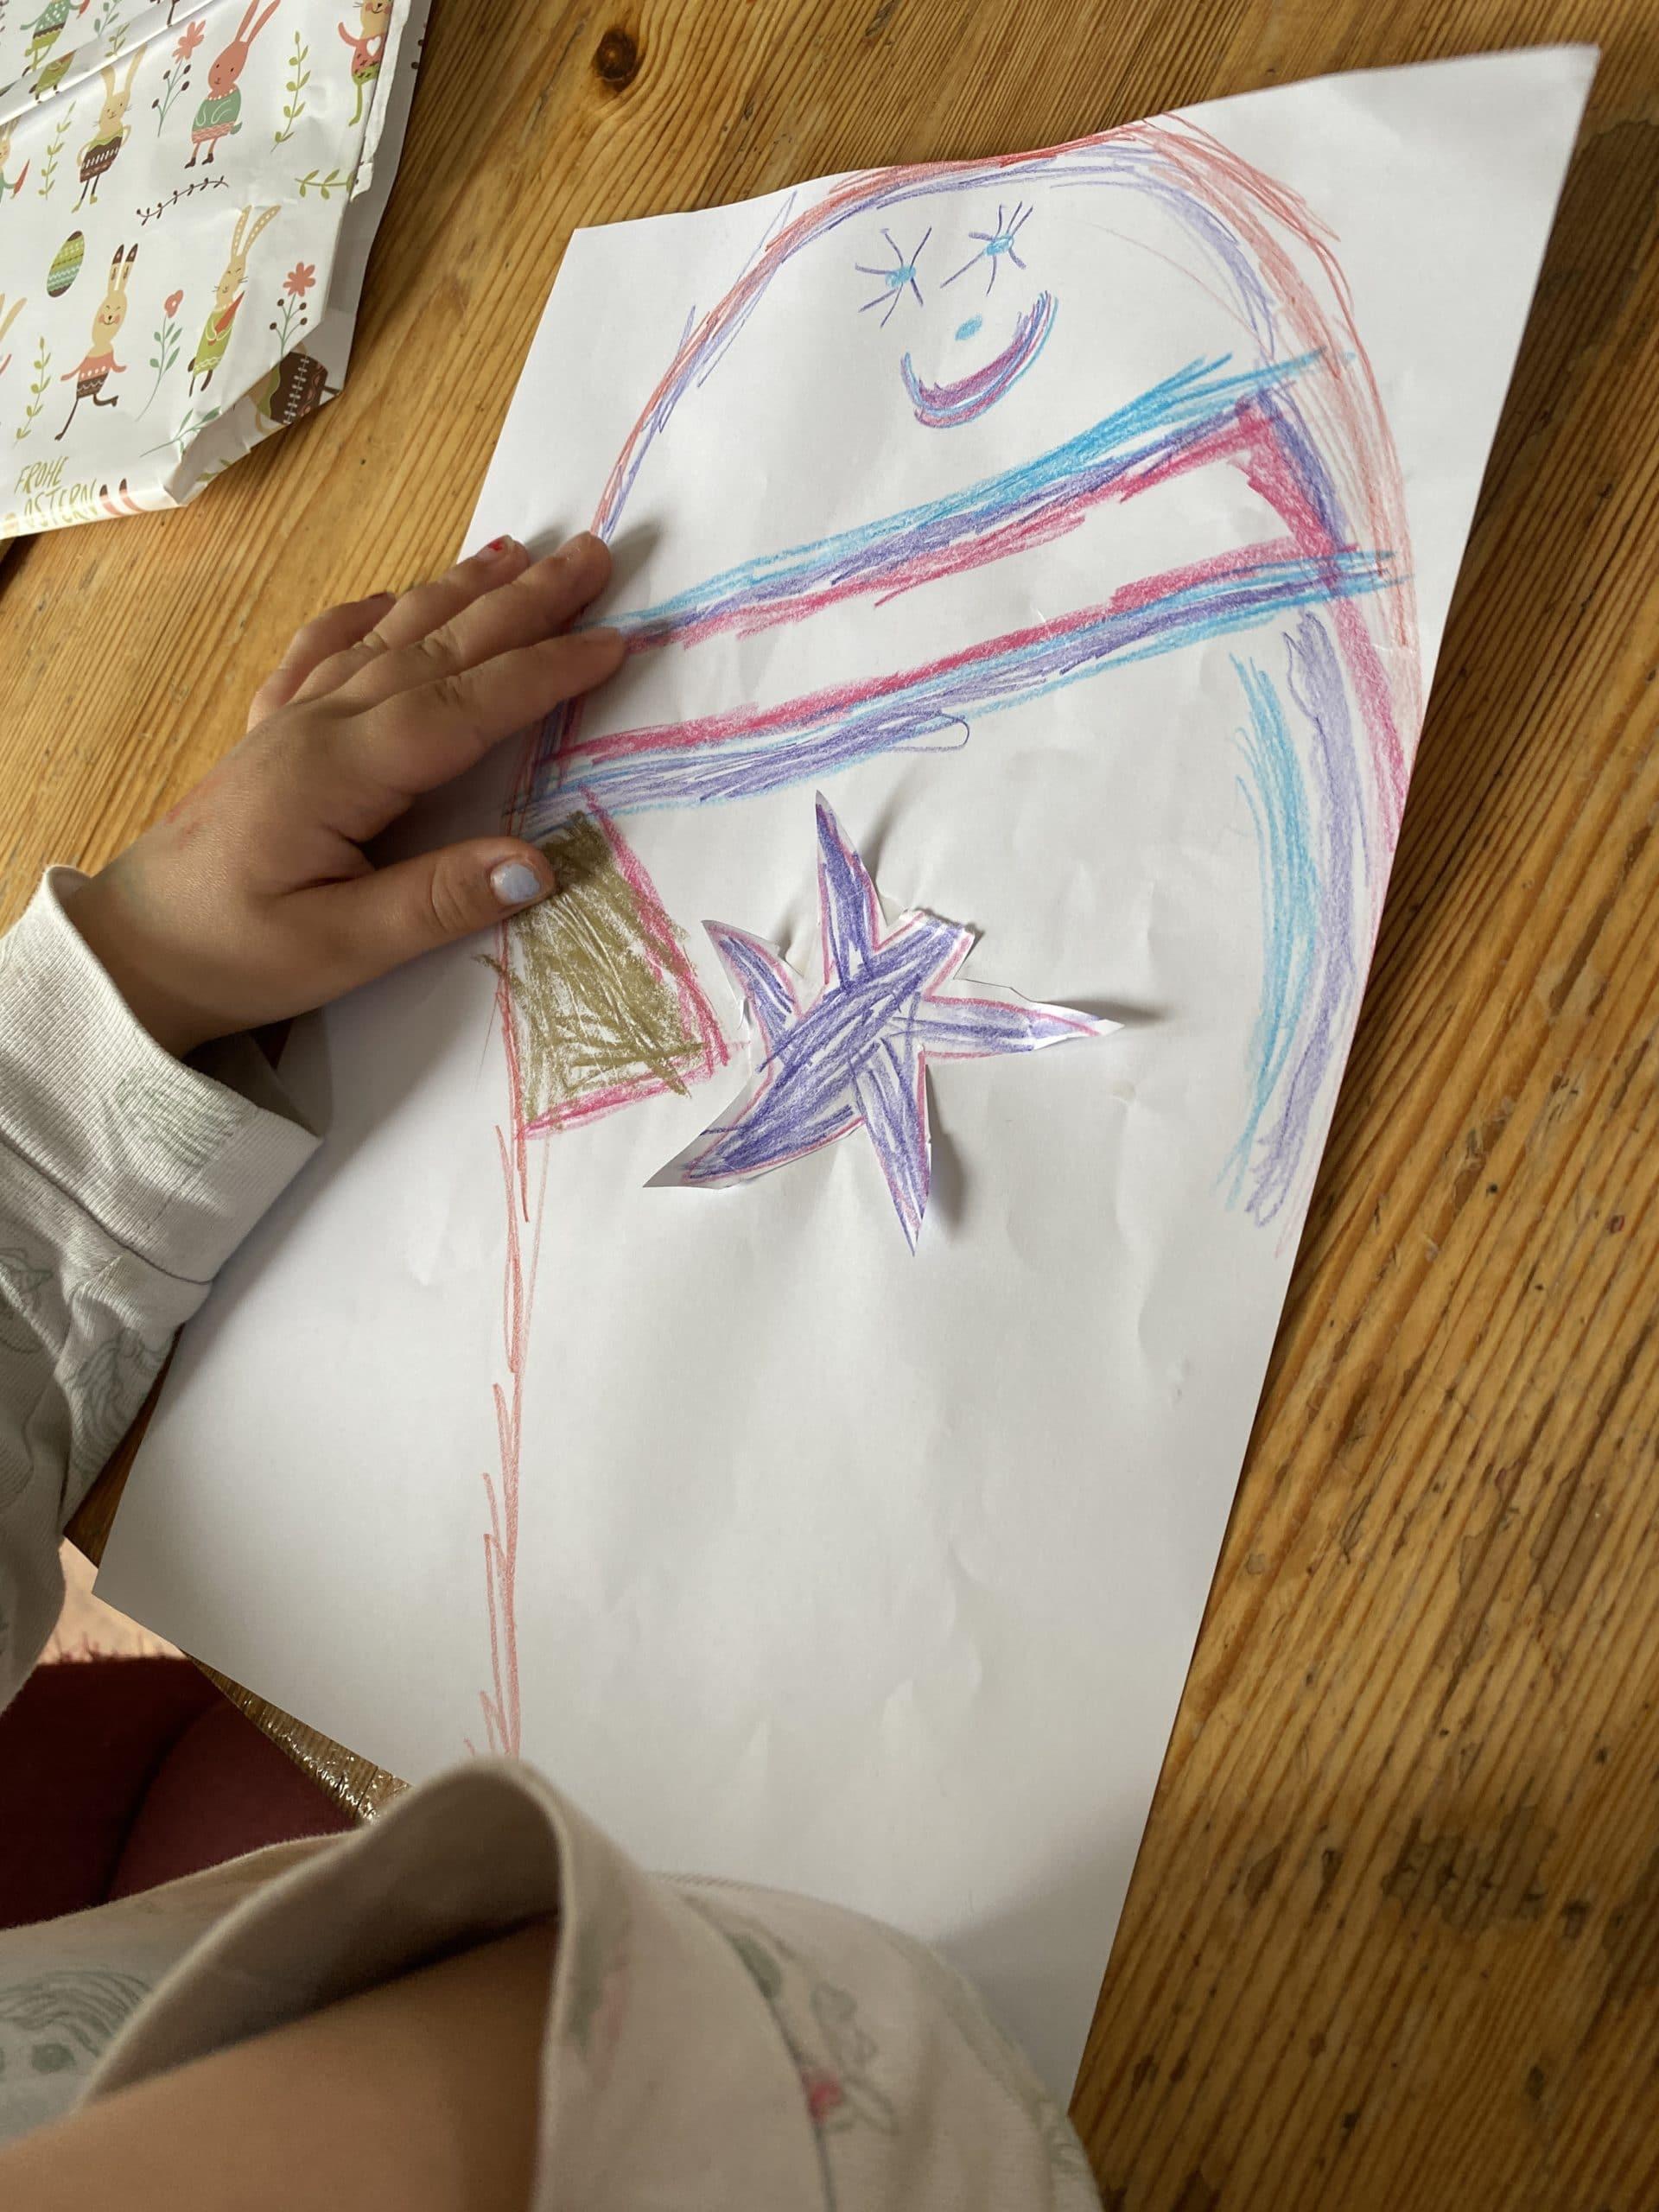 Hallo Samstag. Das Kind und ich sprechen wieder mit dem Riesendaumen. Dieses Bild ist seit Wochen ihr Lieblingsbild.